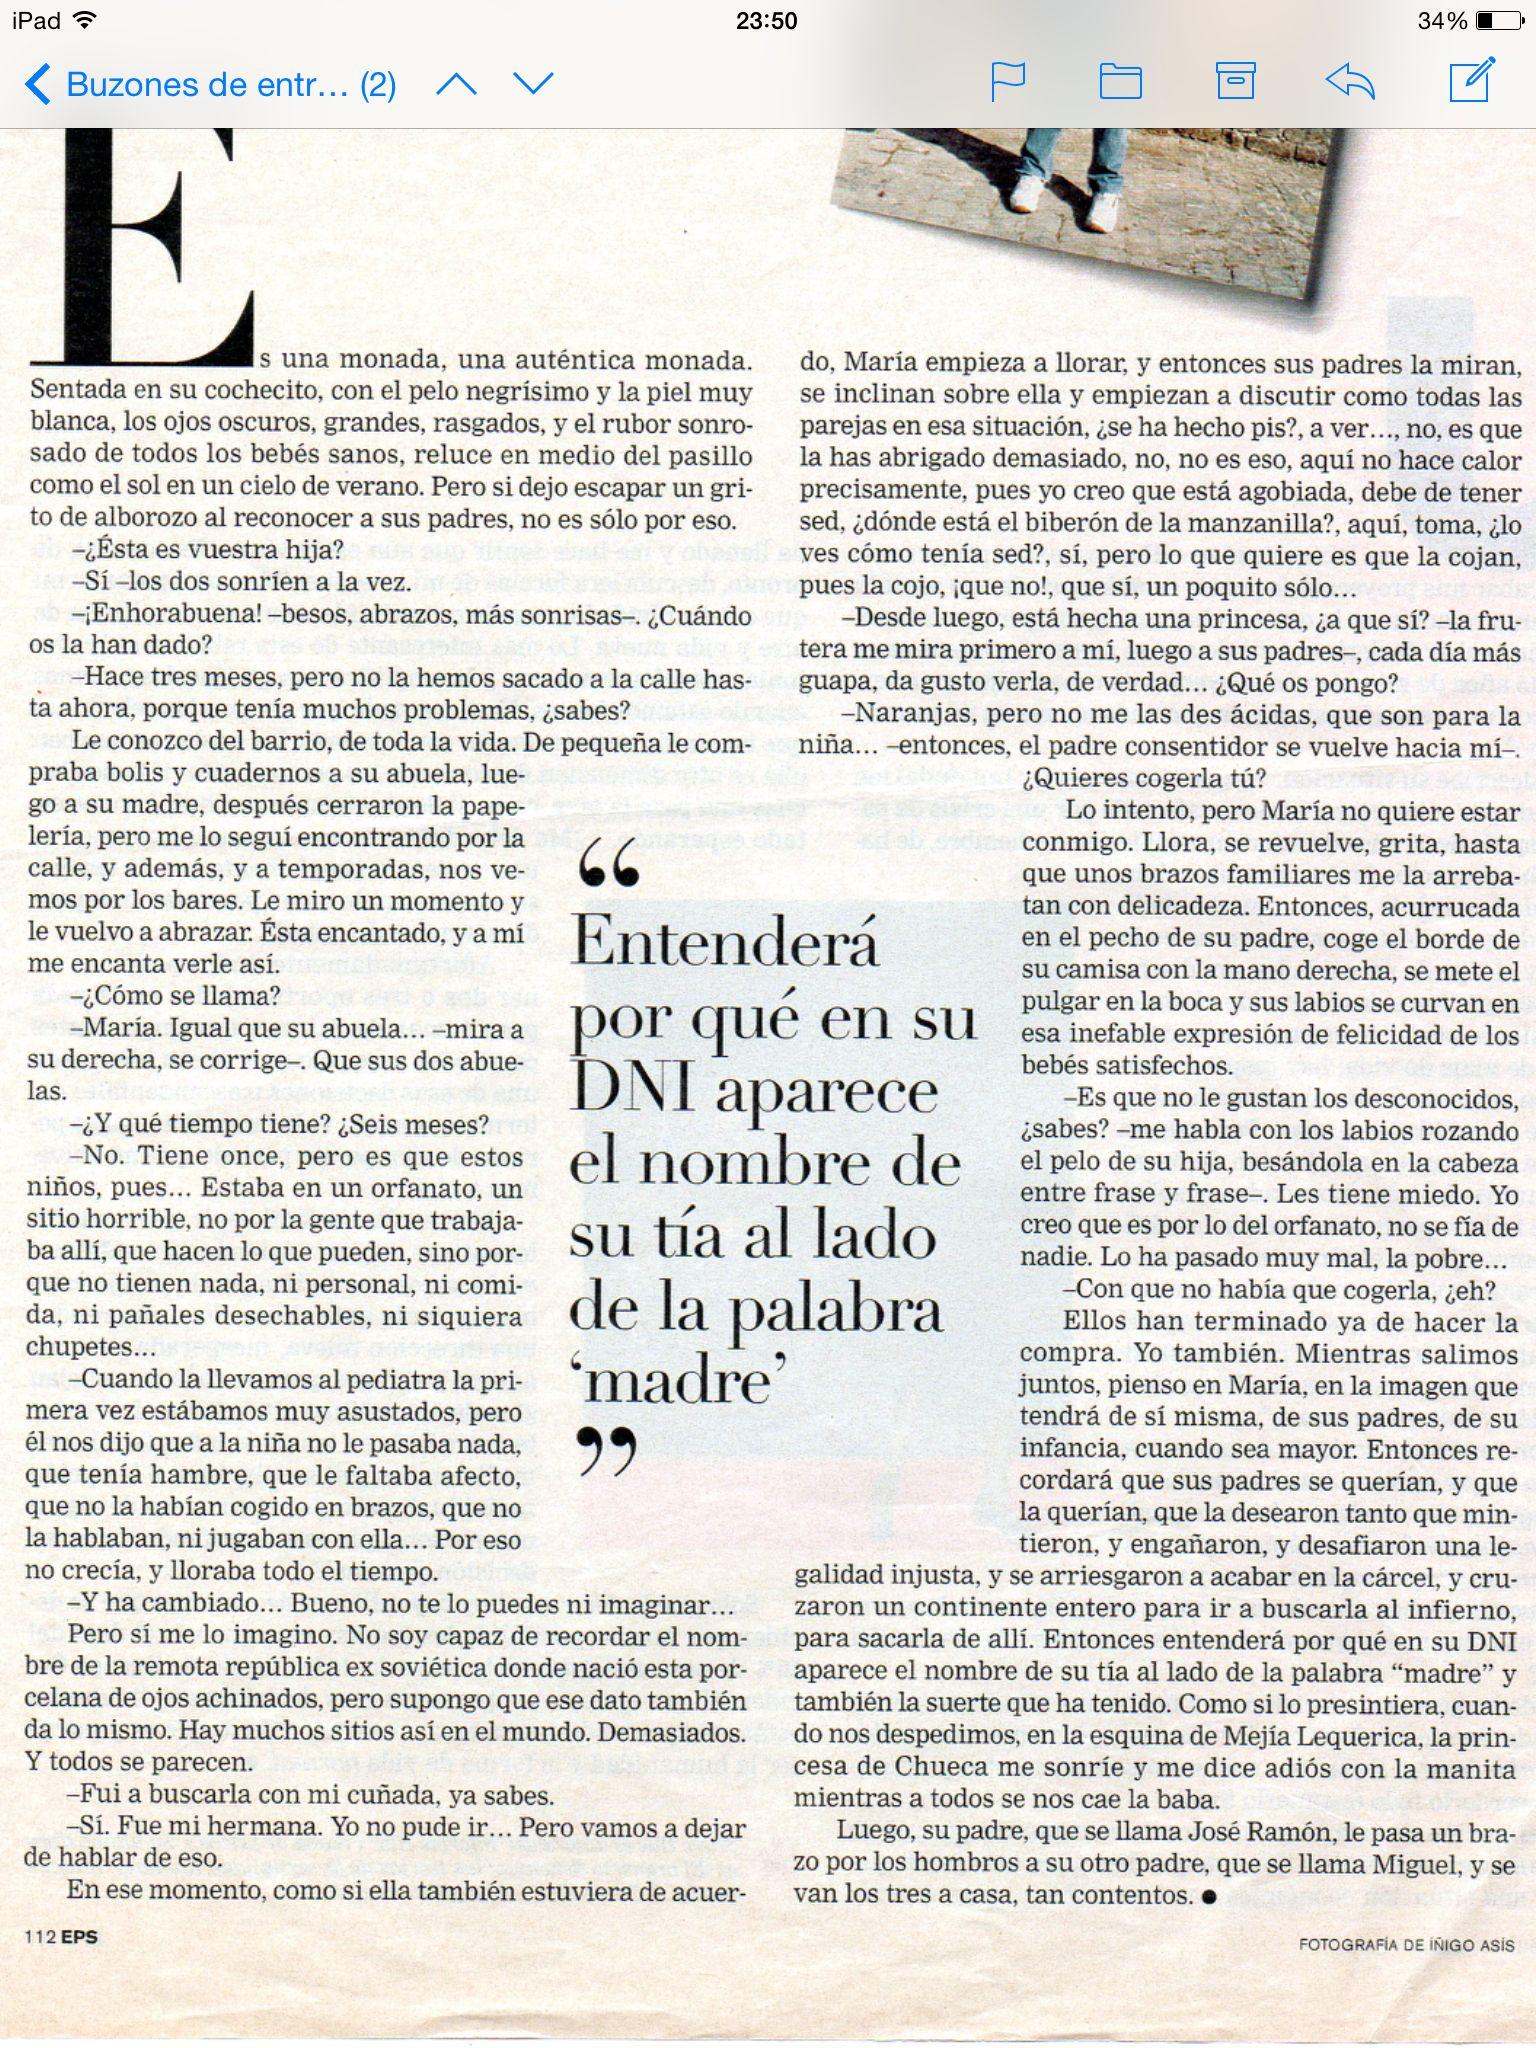 La princesa de Chueca por Almudena Grandes (publicado en El País, año 2002)